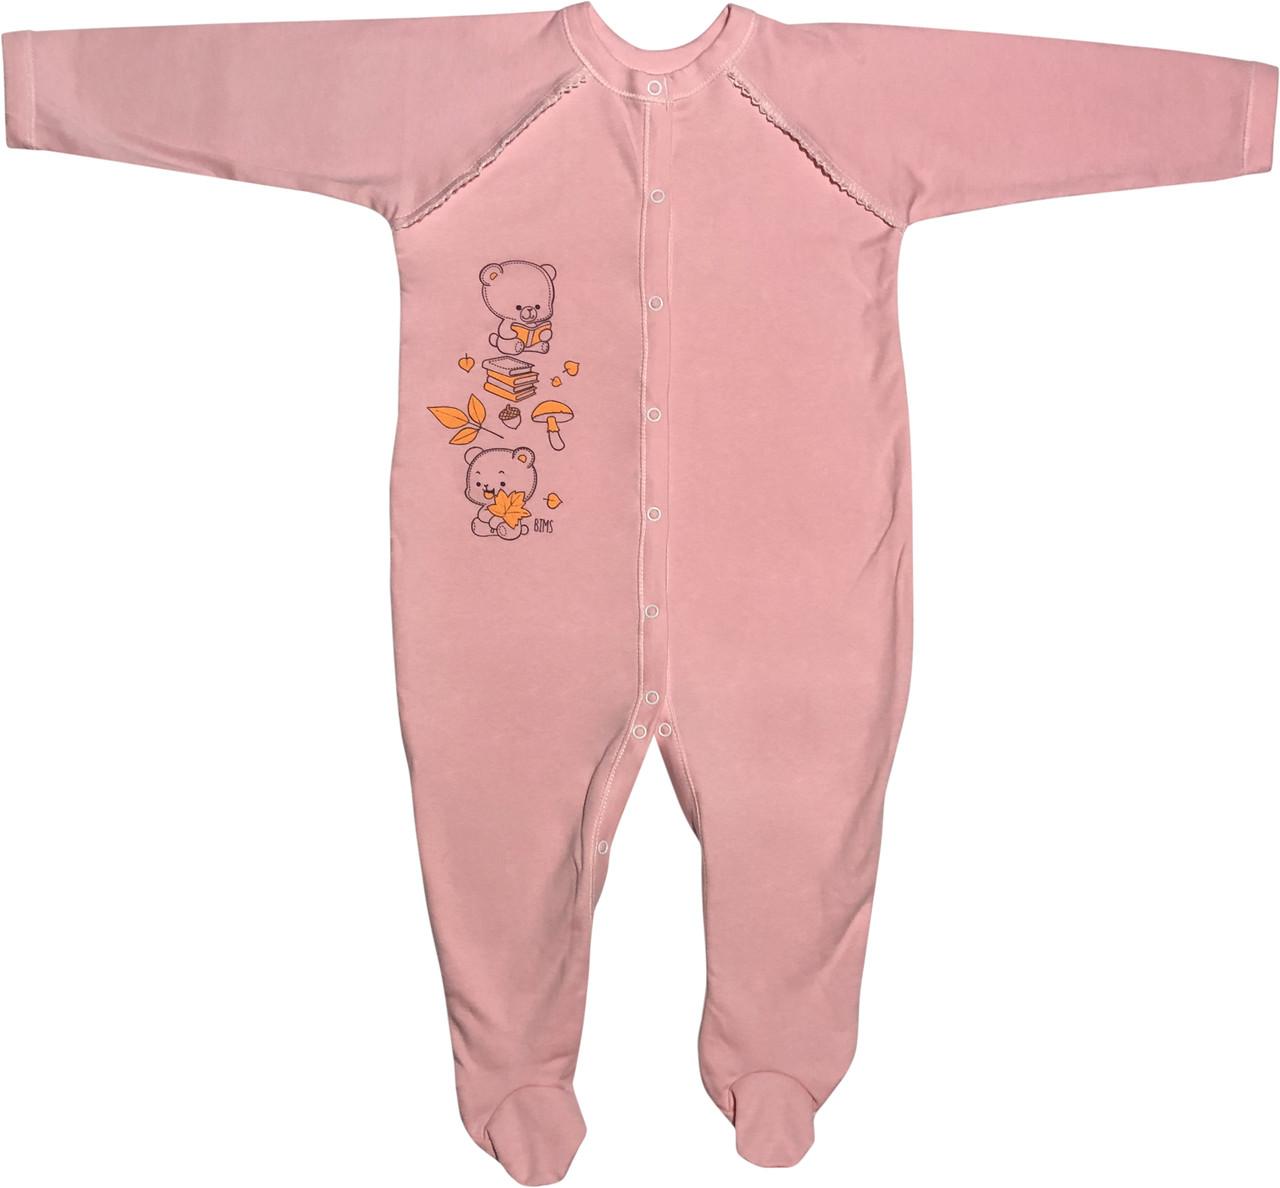 Тёплый человечек слип с начёсом на девочку рост 86 1-1,5 года для новорожденных трикотажный детский розовый